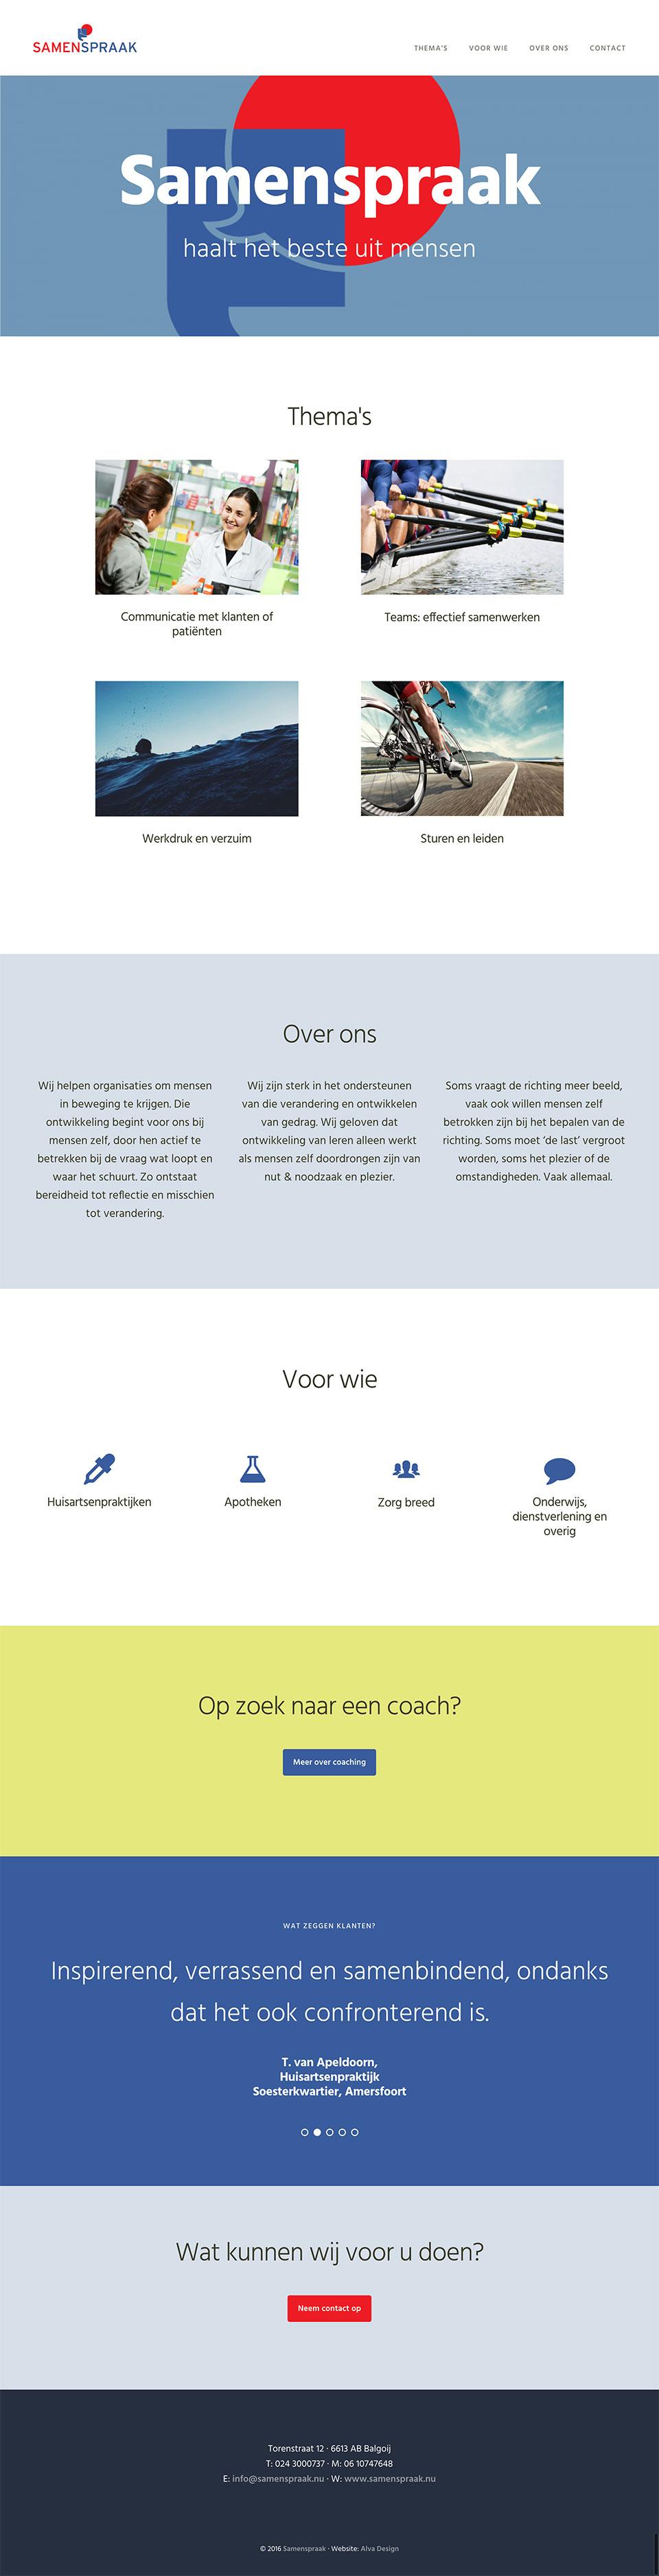 samenspraak-homepage